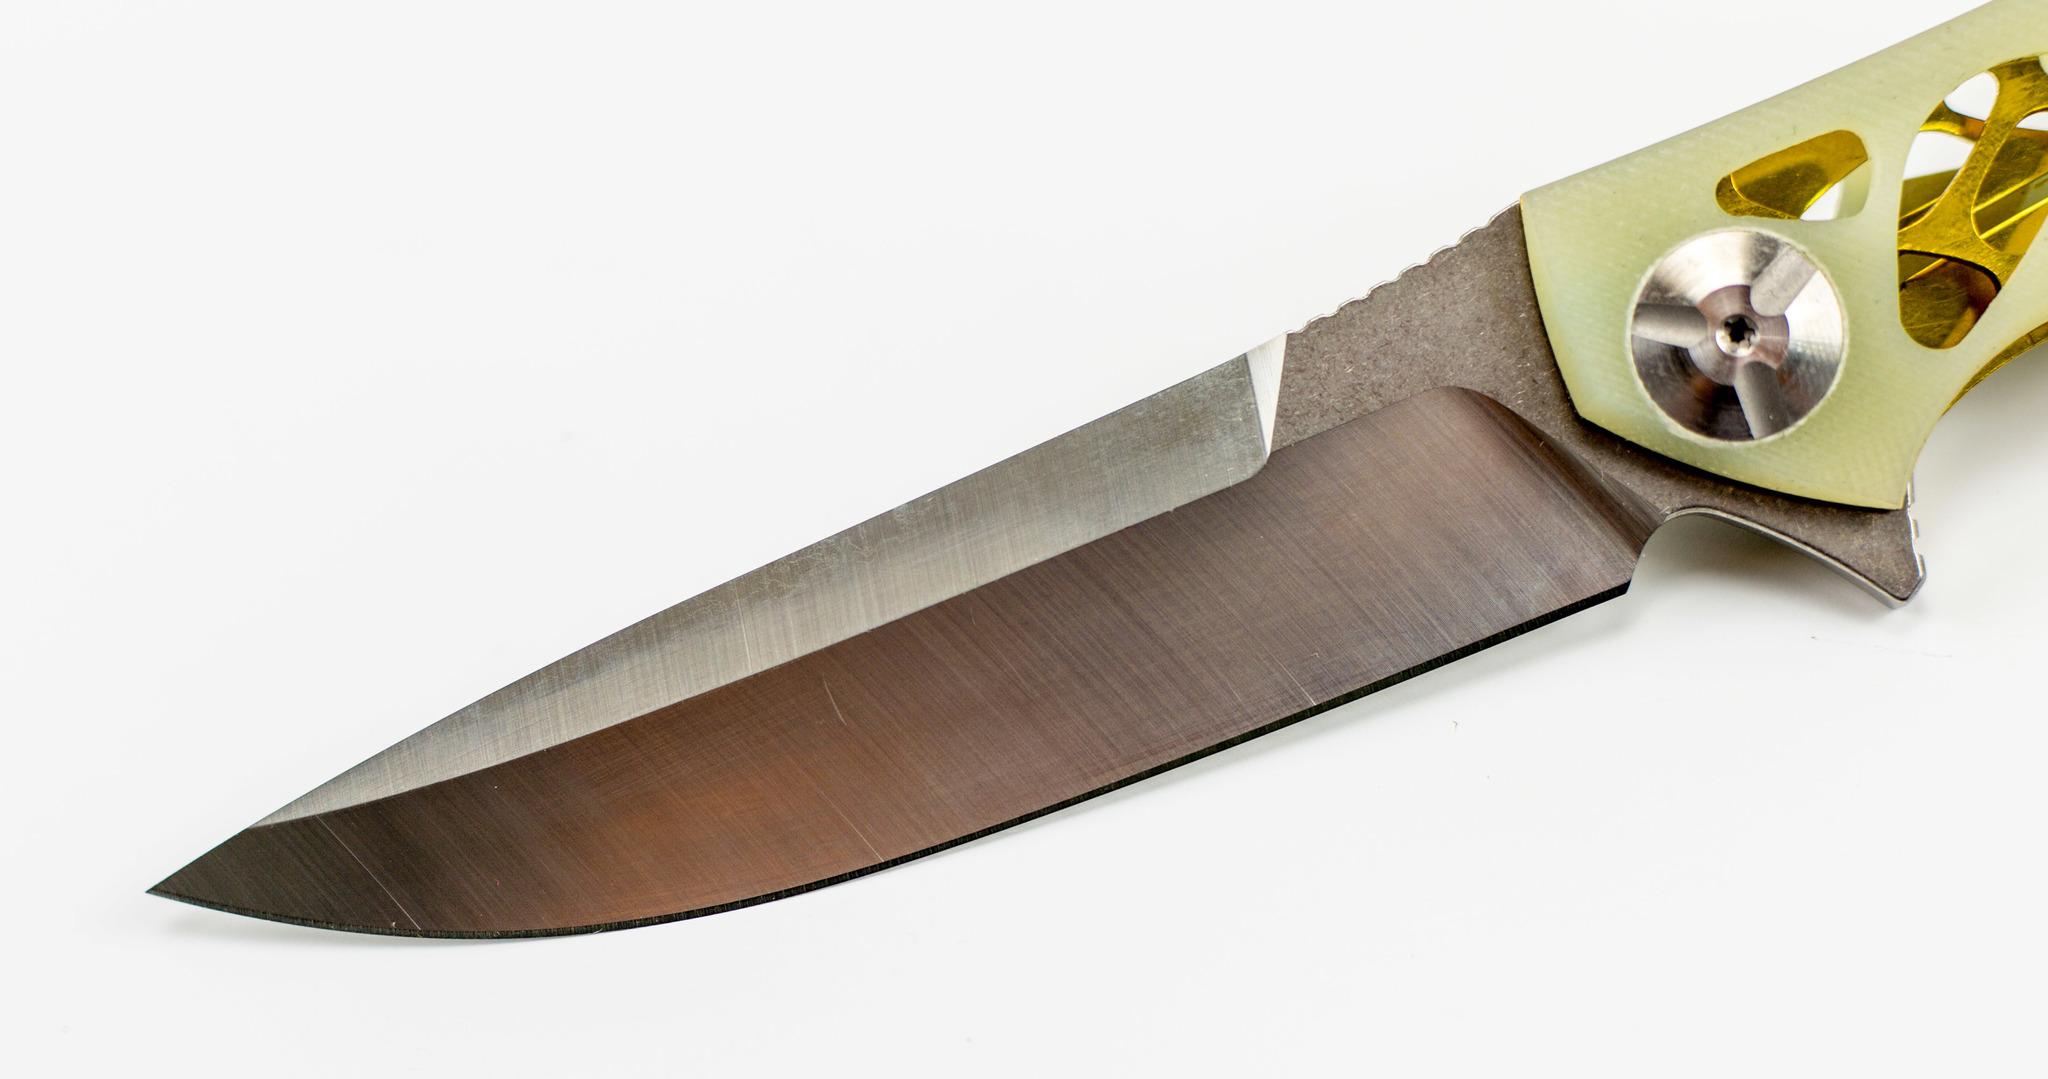 Фото 7 - Складной нож Miker сталь D2